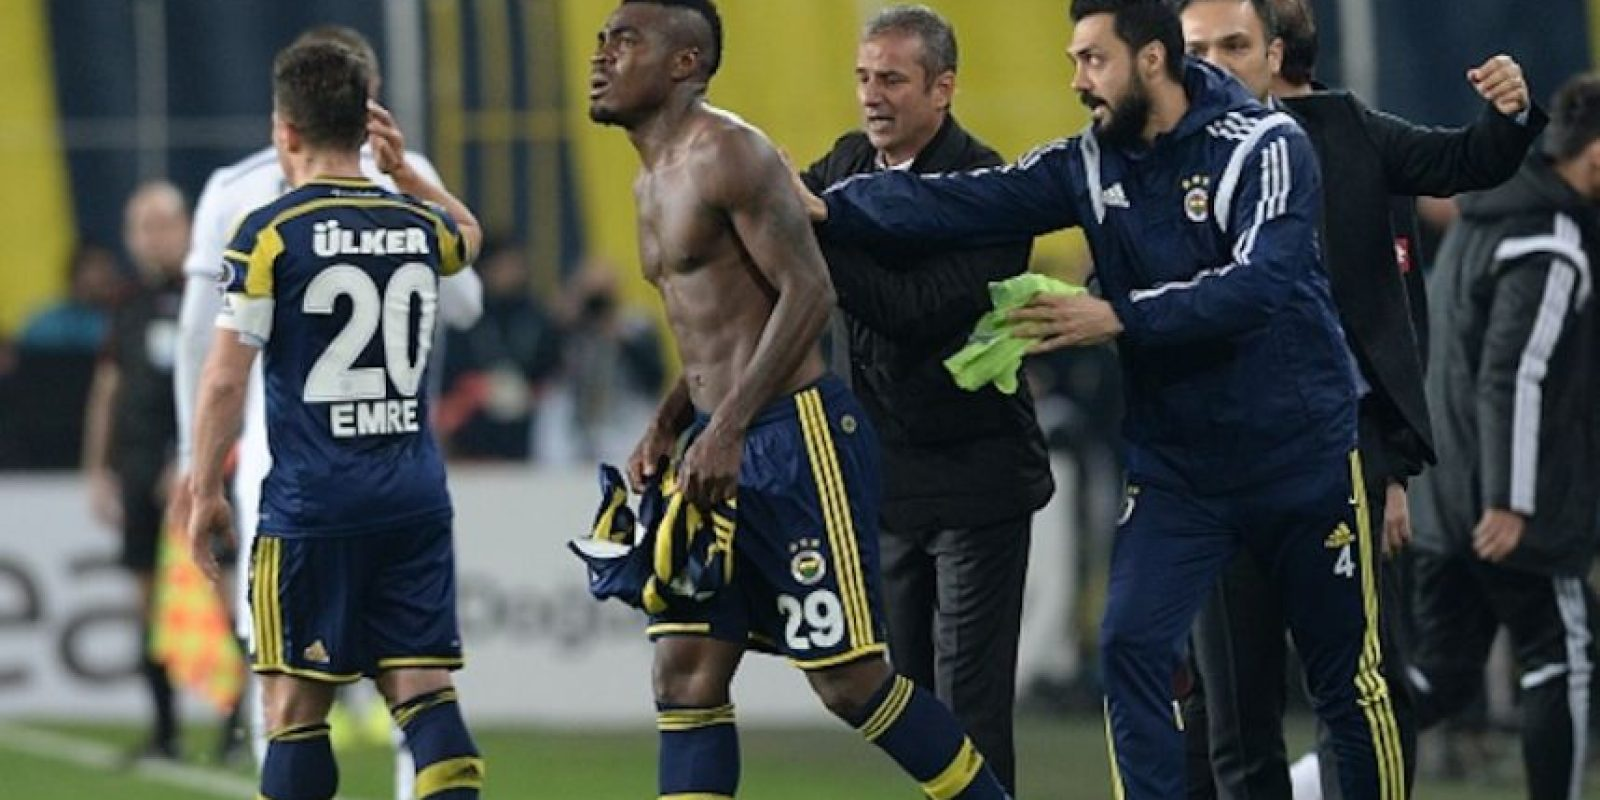 Emmanuel Emenike, jugador del Fenerbahce, fue víctima de insultos racistas por parte de su propia afición en partido ante Besiktas. Foto:Getty Images